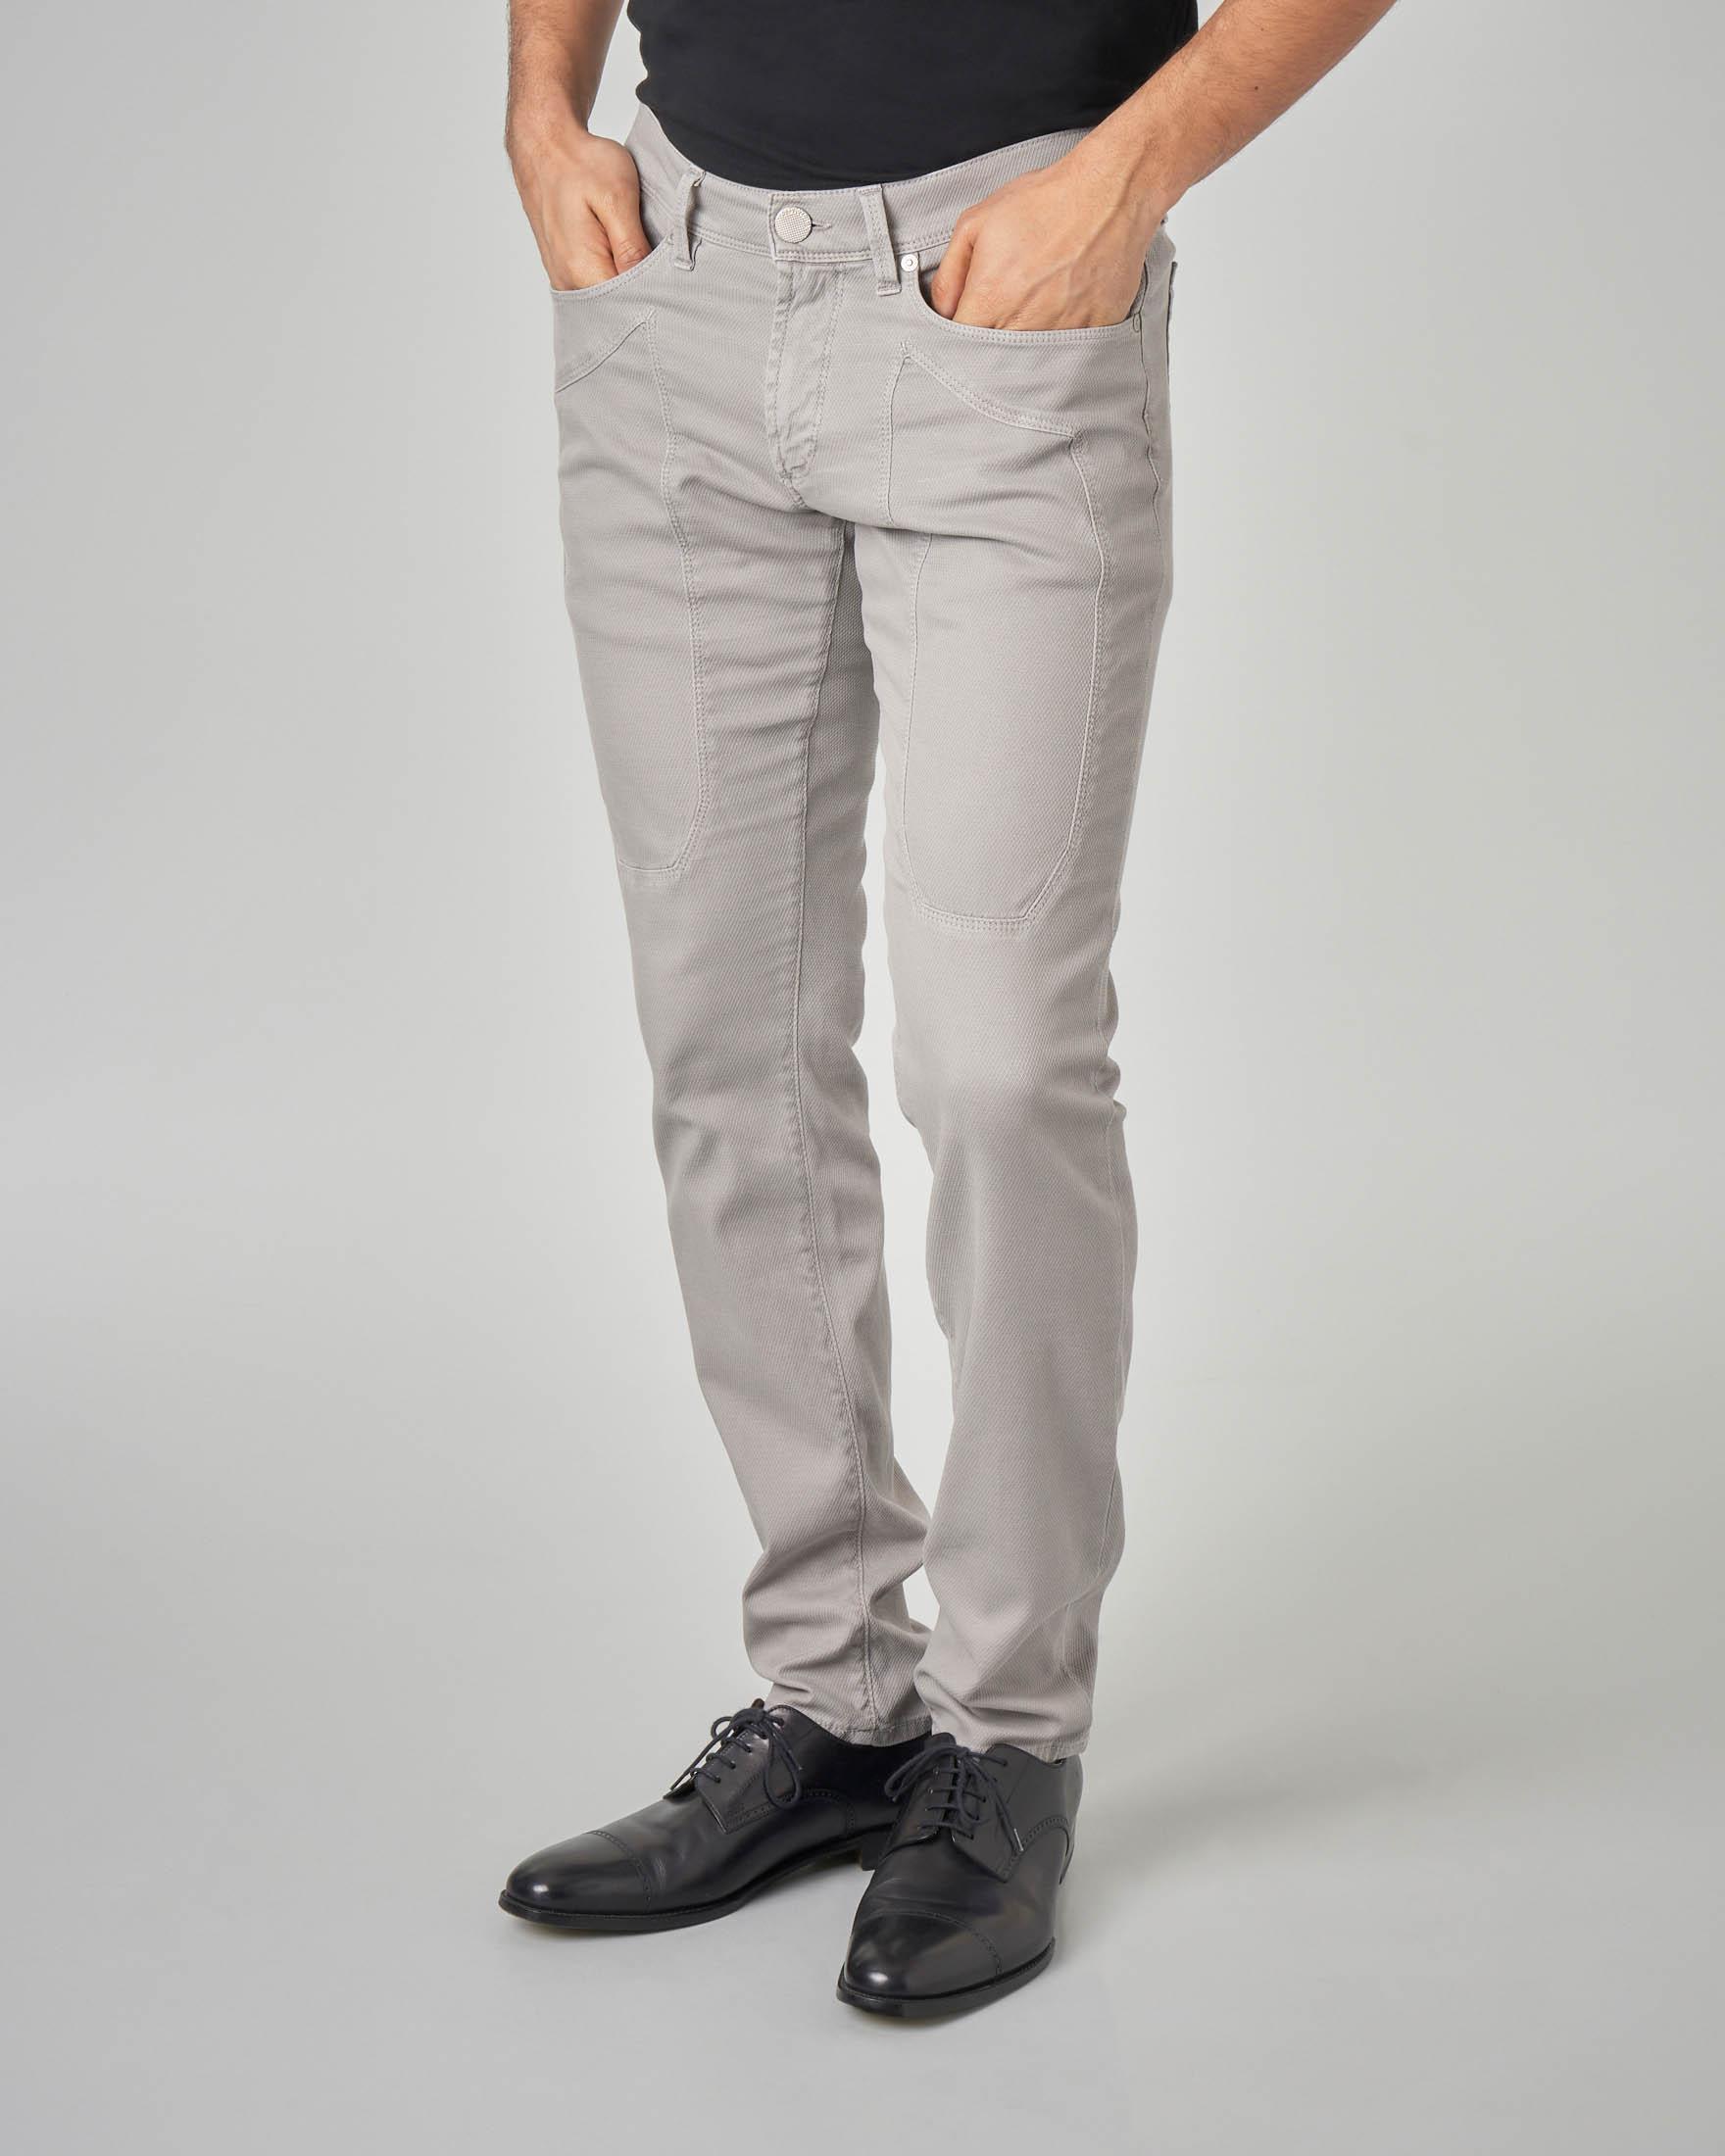 Pantalone grigio cinque tasche con toppa